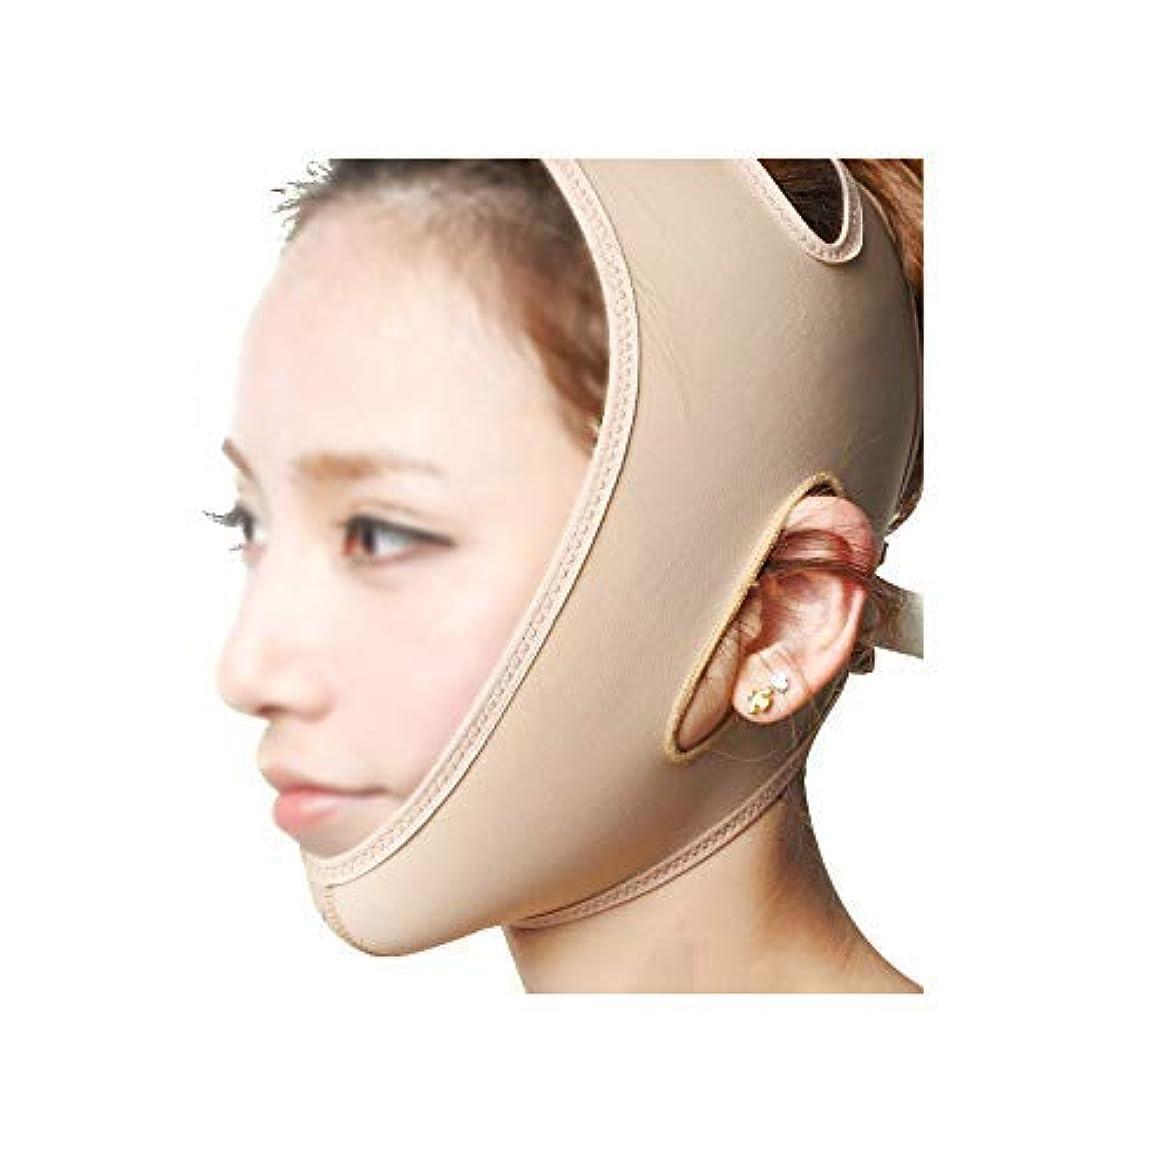 地雷原友情レンズフェイスリフティングバンデージ、フェイスマスク3Dパネルデザイン、通気性に優れたライクラ素材の物理的なVフェイス、美しい顔の輪郭の作成(サイズ:S),ザ?